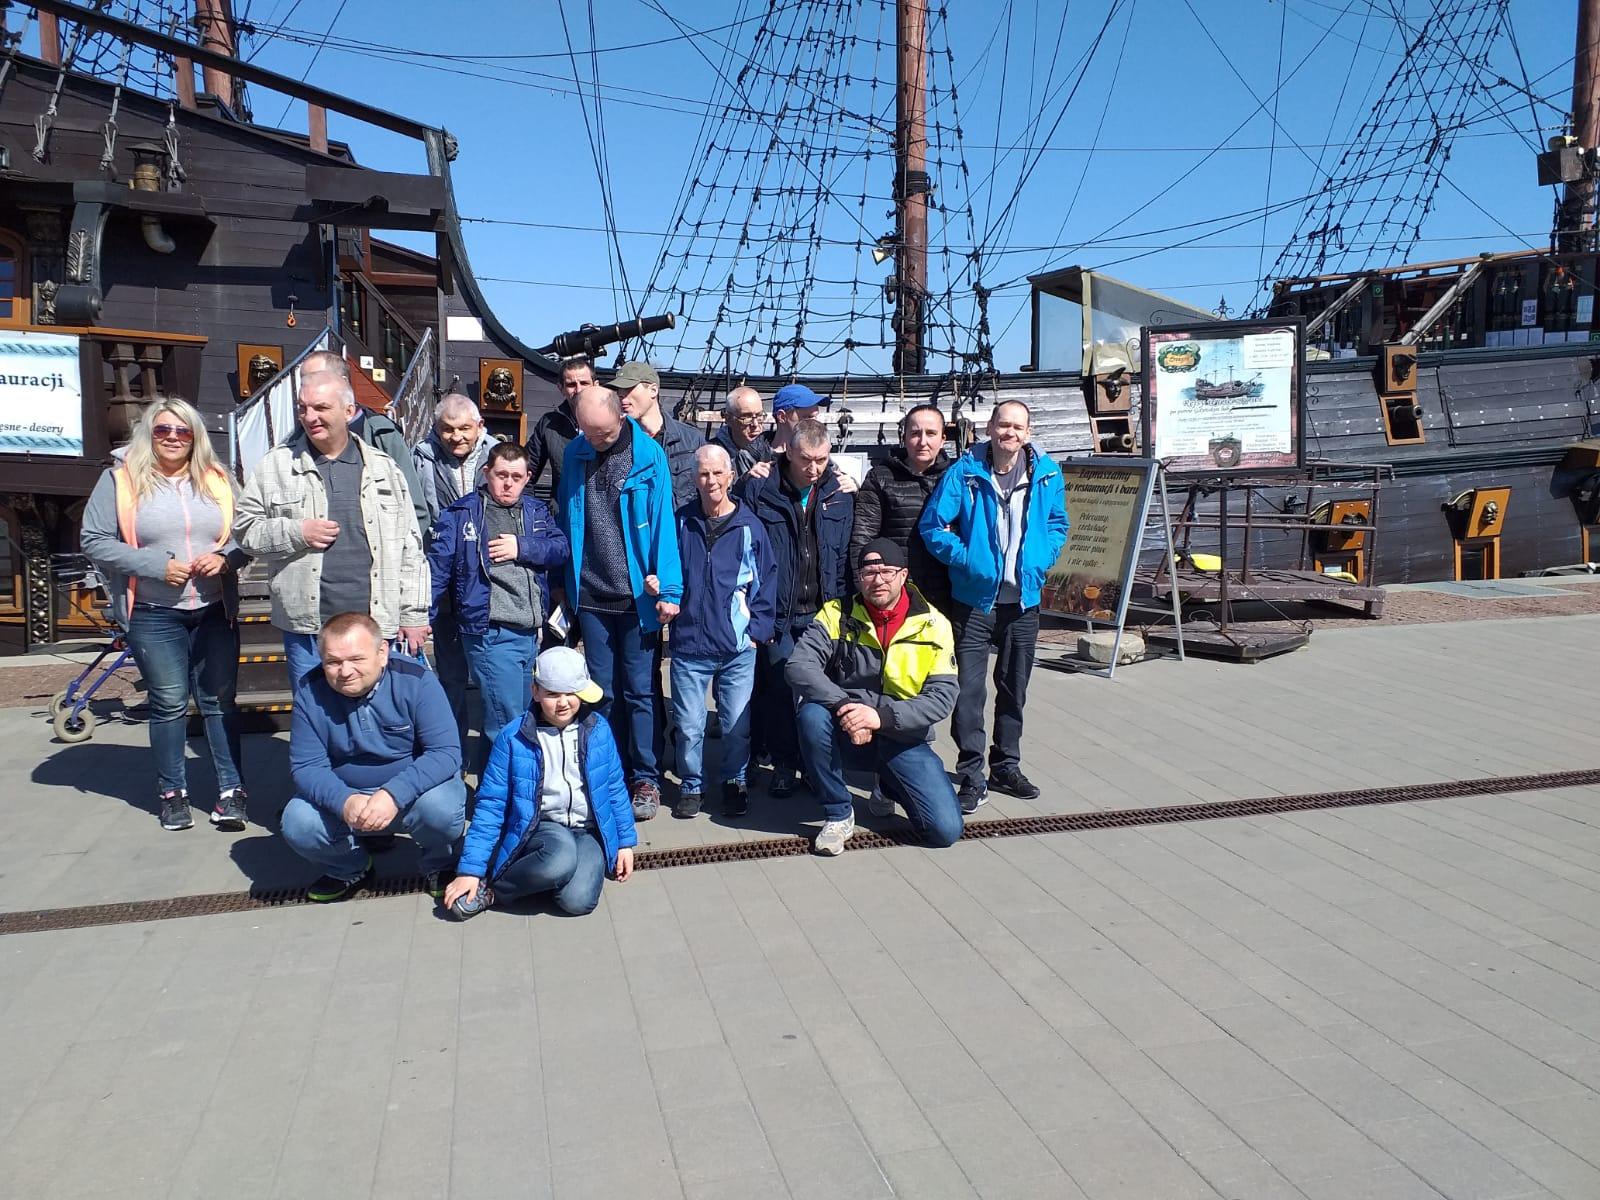 Grupa osób pozuje na tle dużego statku z żaglami